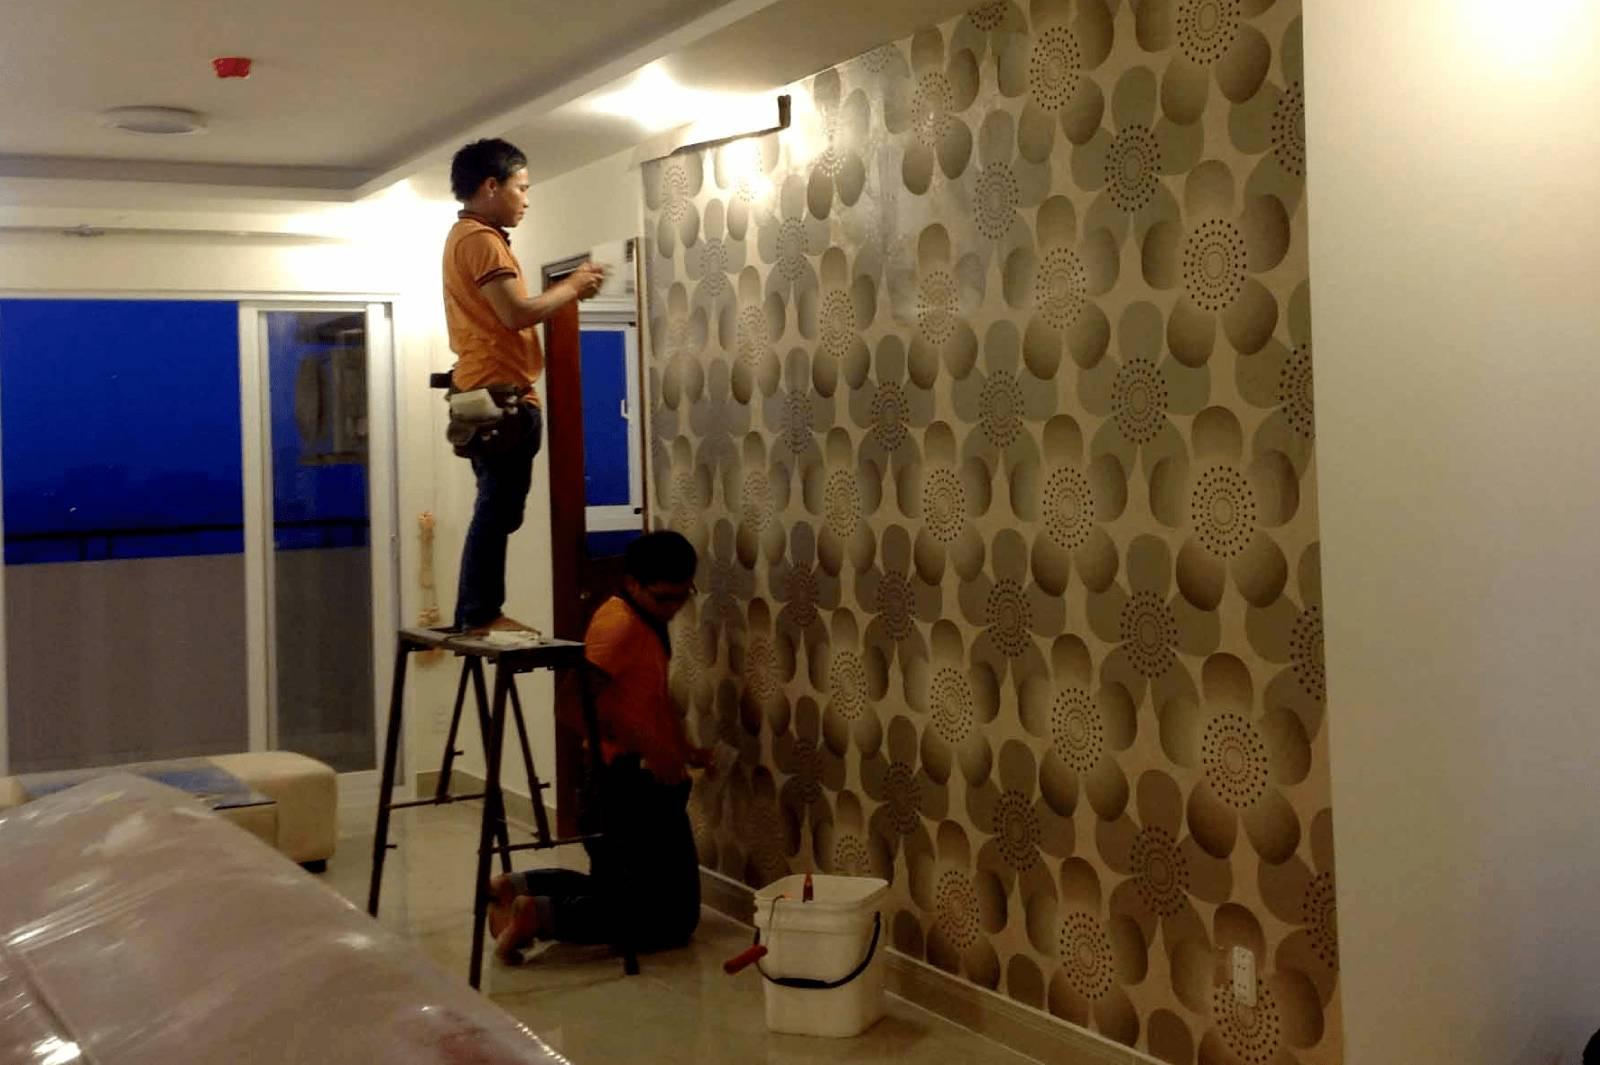 Thực hiện thi công nội thất cho không gian phòng ngủ có diện tích nhỏ